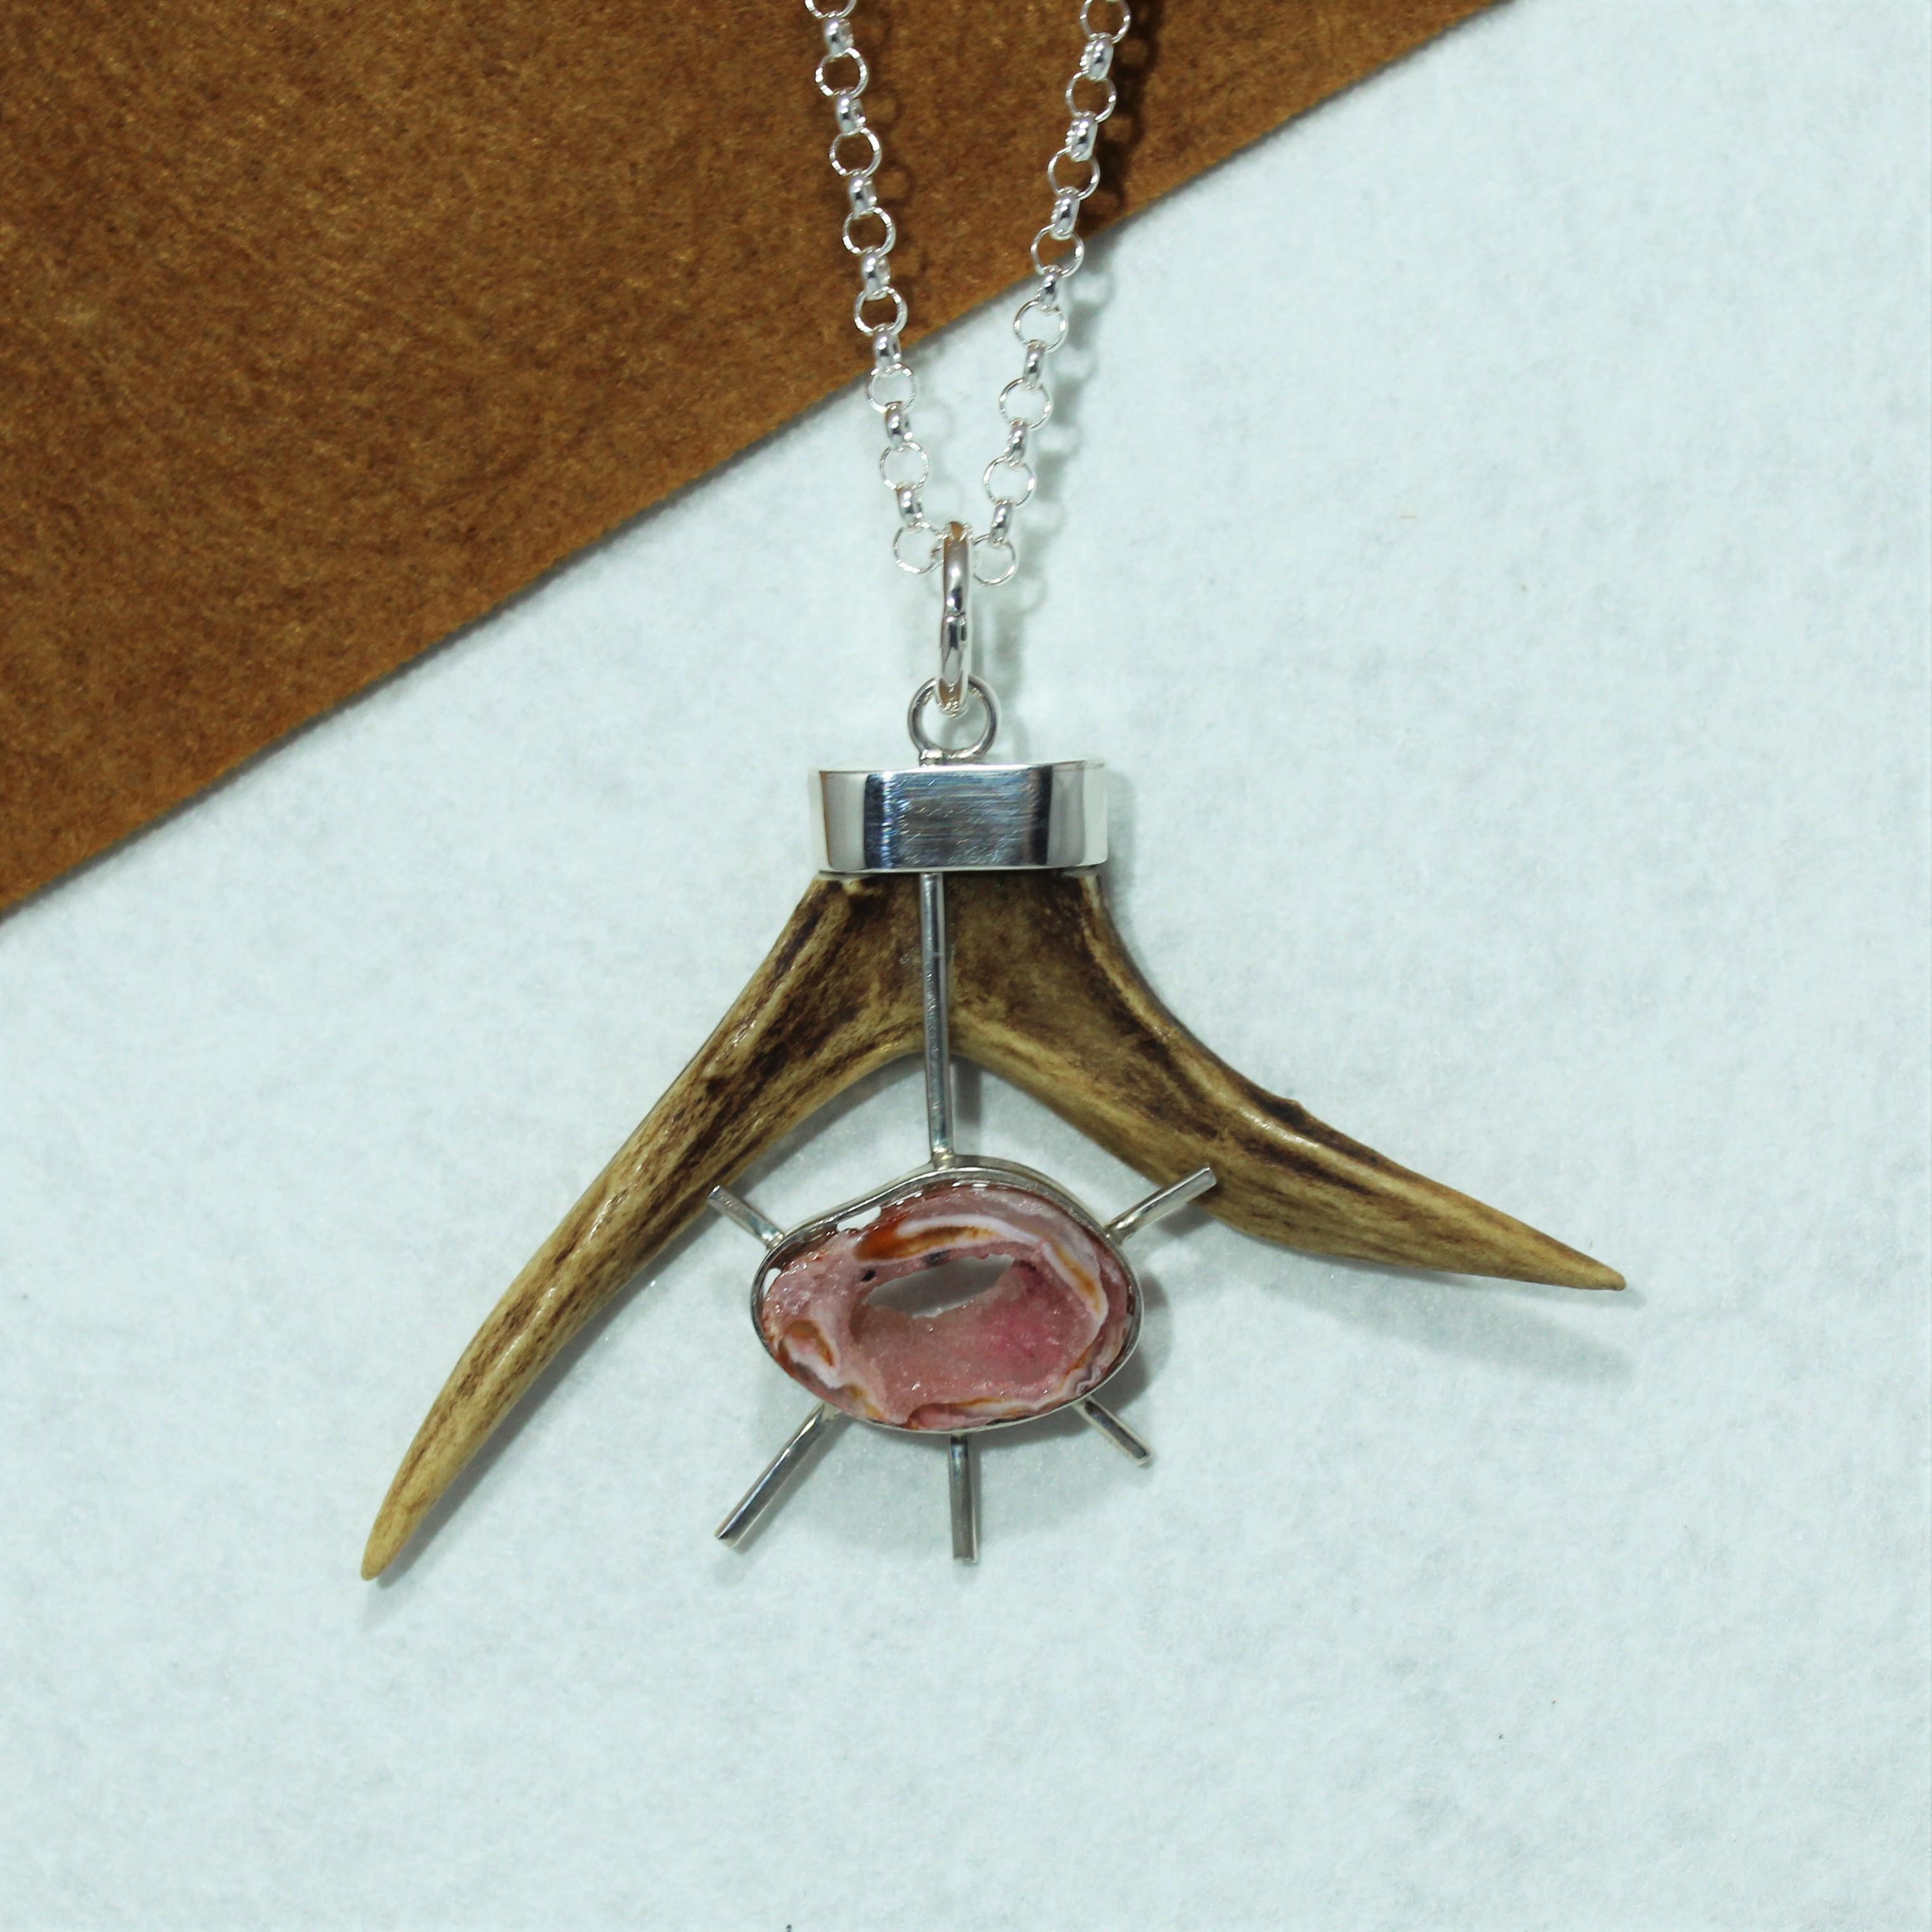 Colgante con puntas de cuerno, diseño realizado en plata de ley y geoda rosa. Pieza única